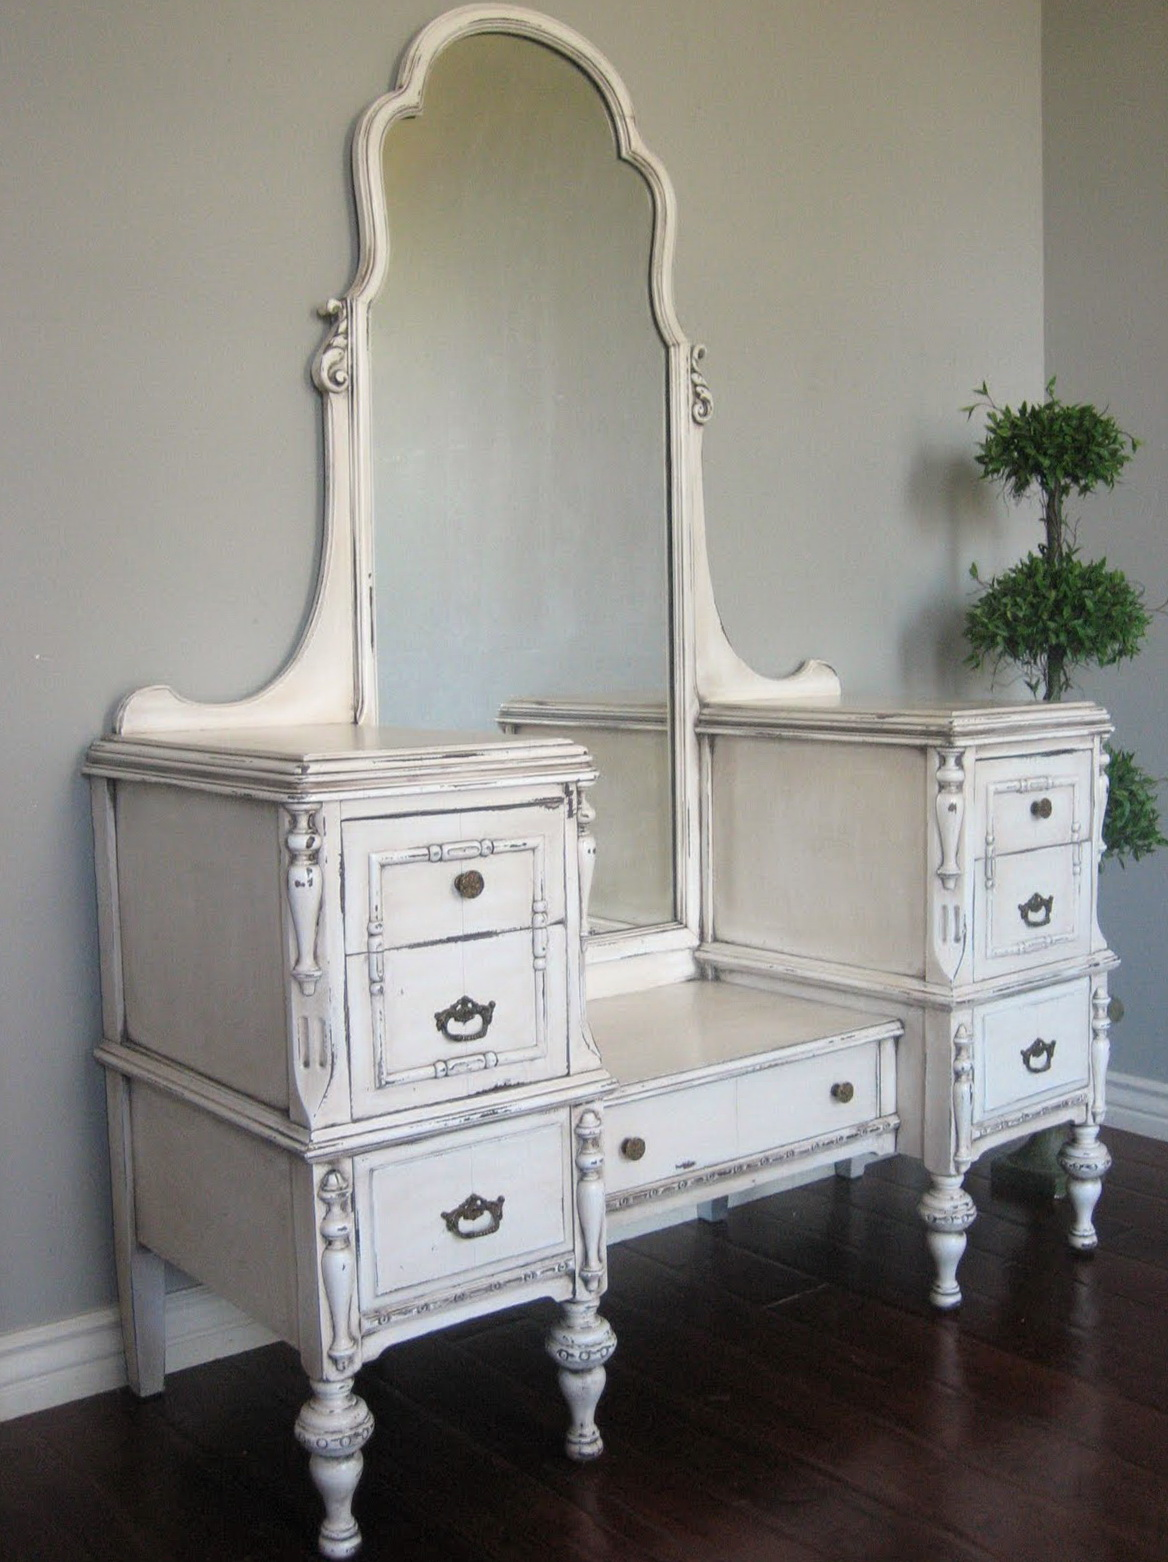 Antique White Makeup Vanity - Antique White Makeup Vanity Home Design Ideas - Antique White Makeup Vanity Antique Furniture